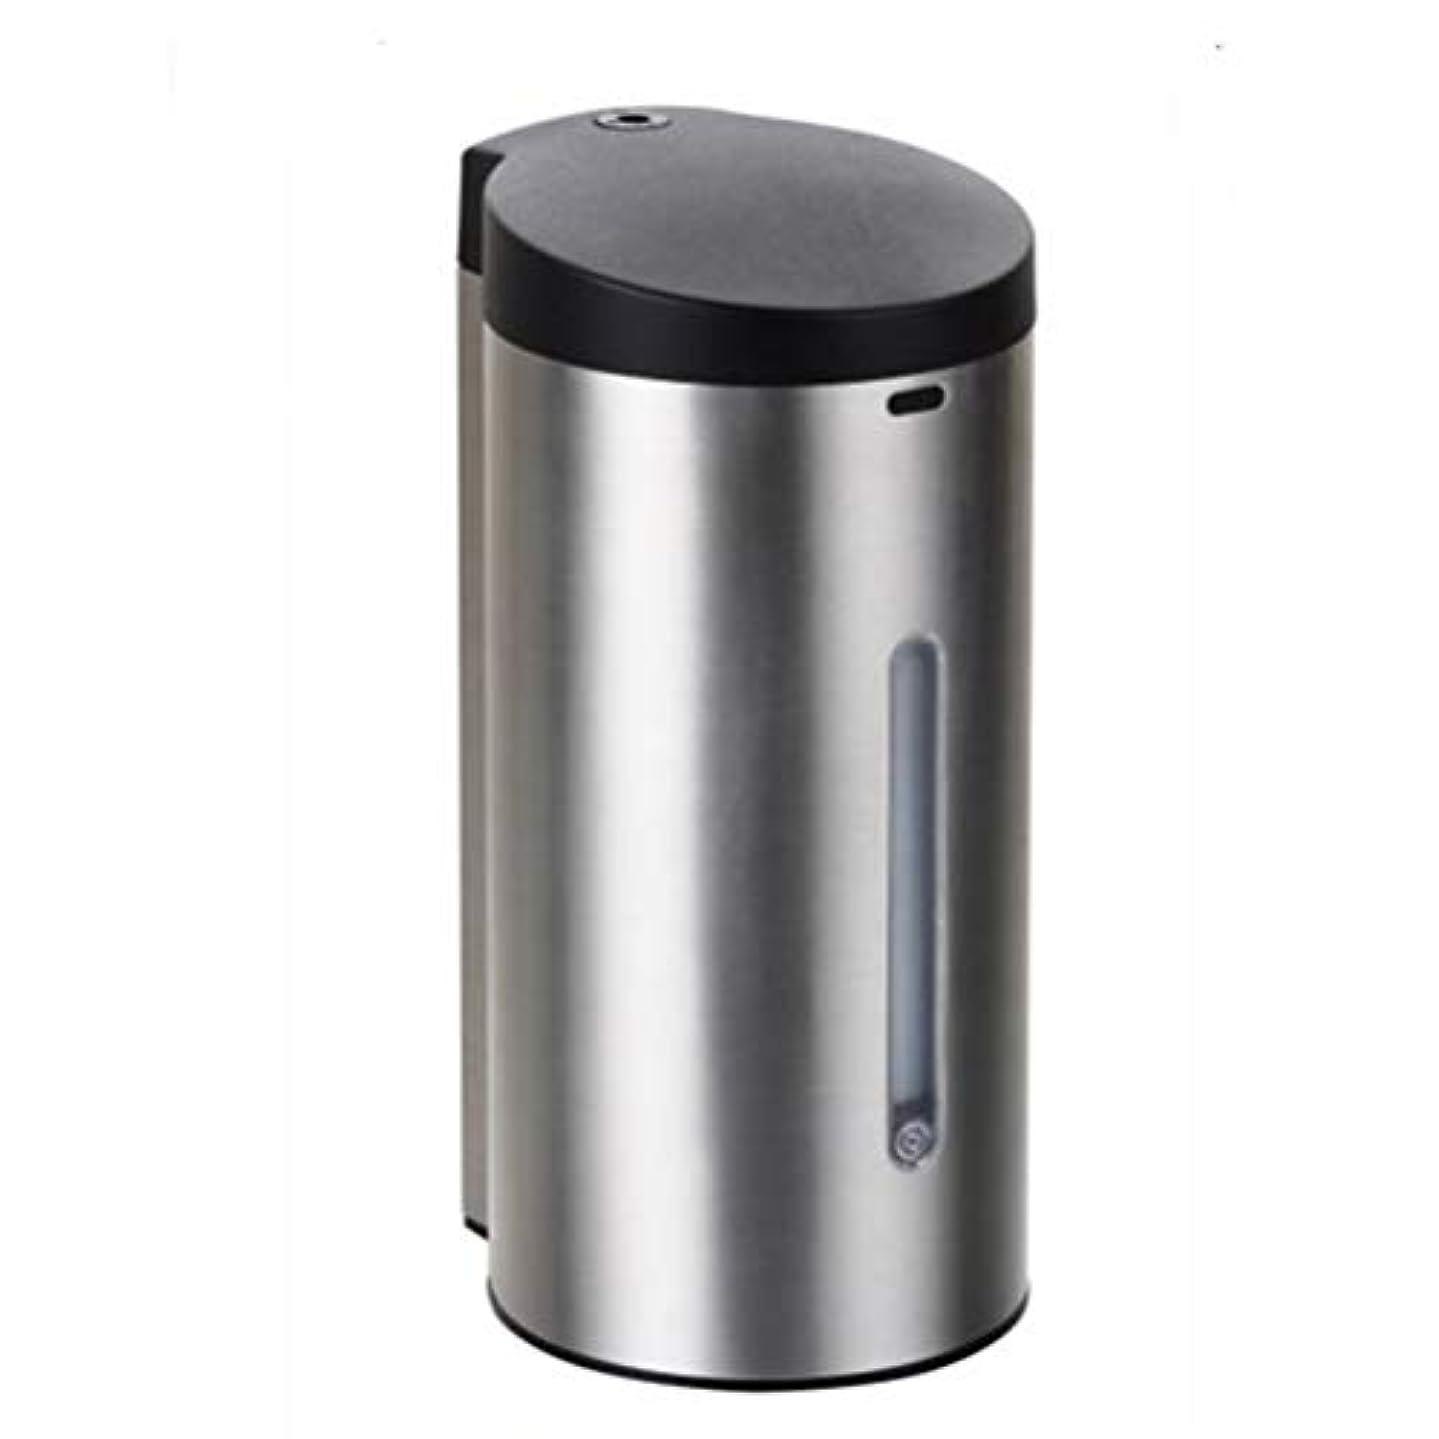 修復達成する雑草電池式 オートソープディスペンサー 赤外線センサーポンプソープディスペンサーステンレス 漏れ防止7段調整可 自動 ハンドソープ ータッチ 650ML 9Vバッテリー(6ノット* 1.5V)